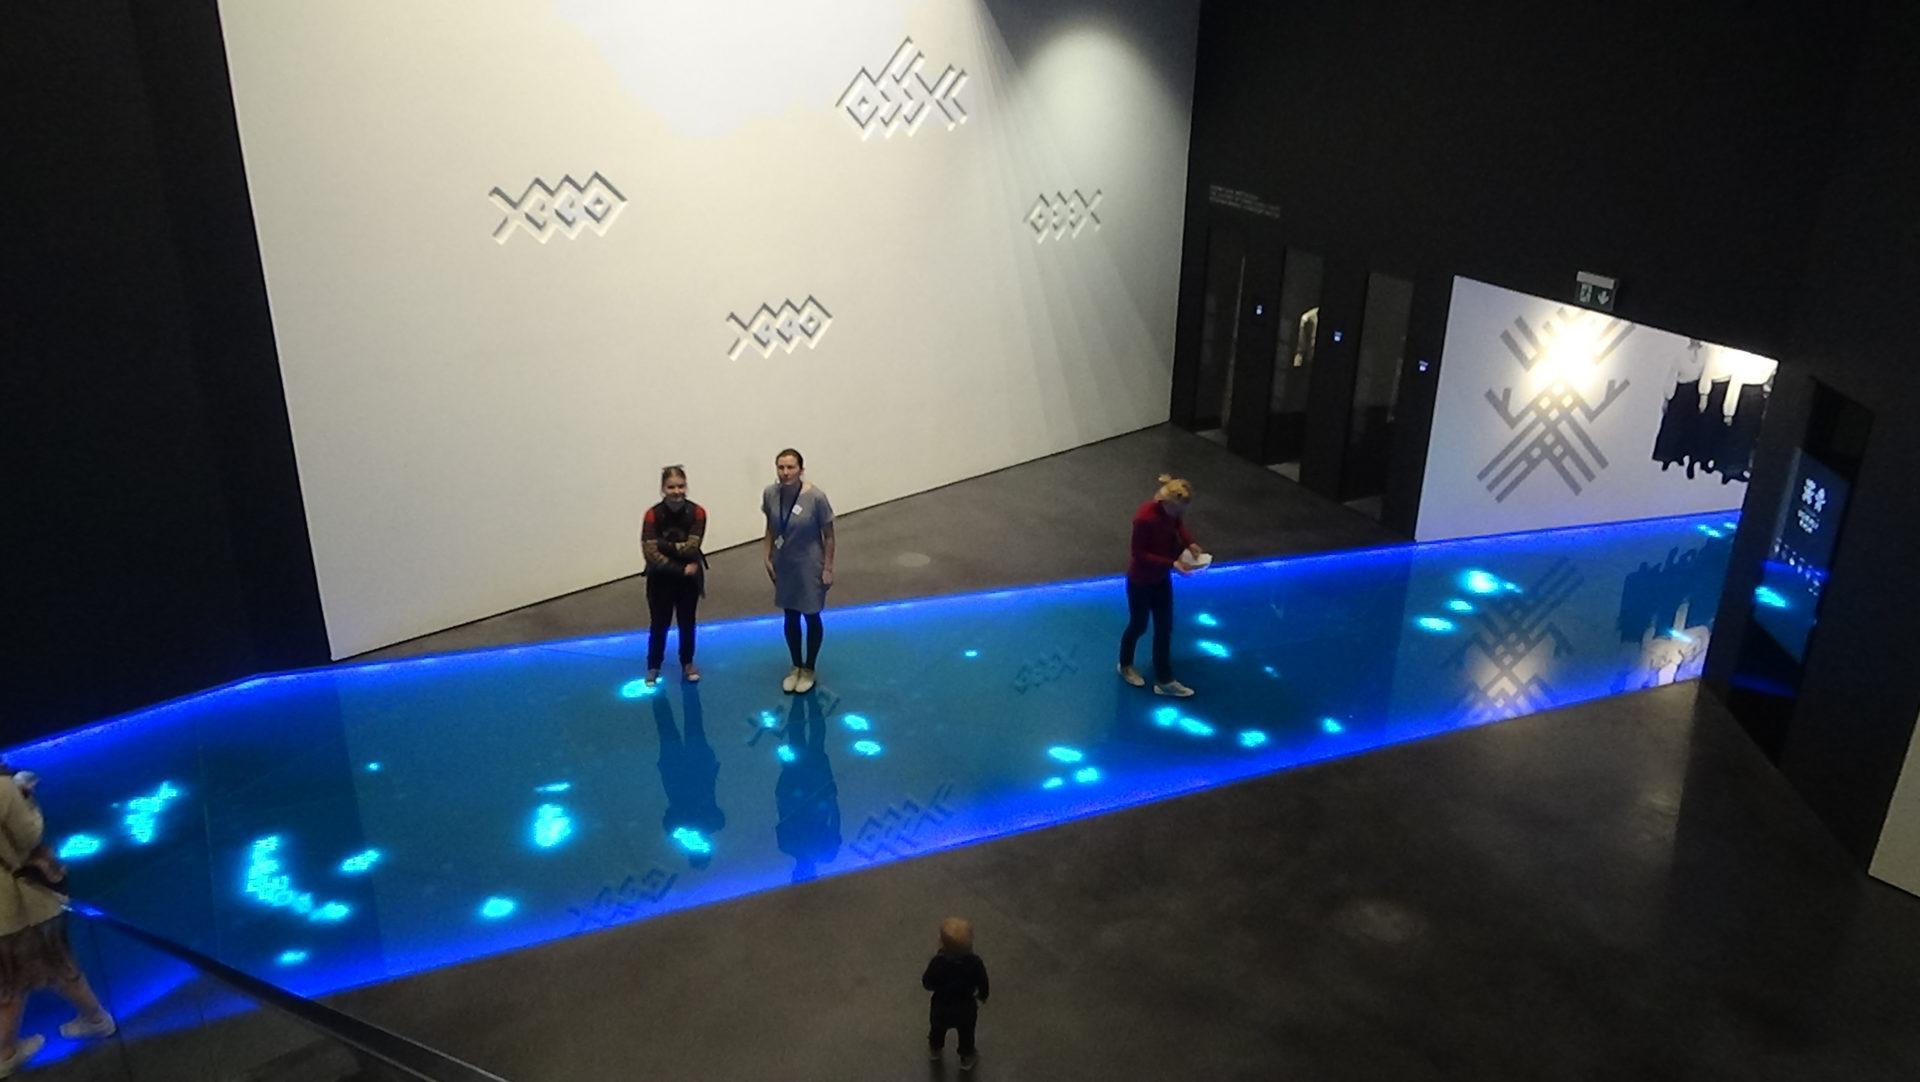 【博物之島新訊】電子紙取代說明牌—愛沙尼亞國家博物館結合科技與公眾參與